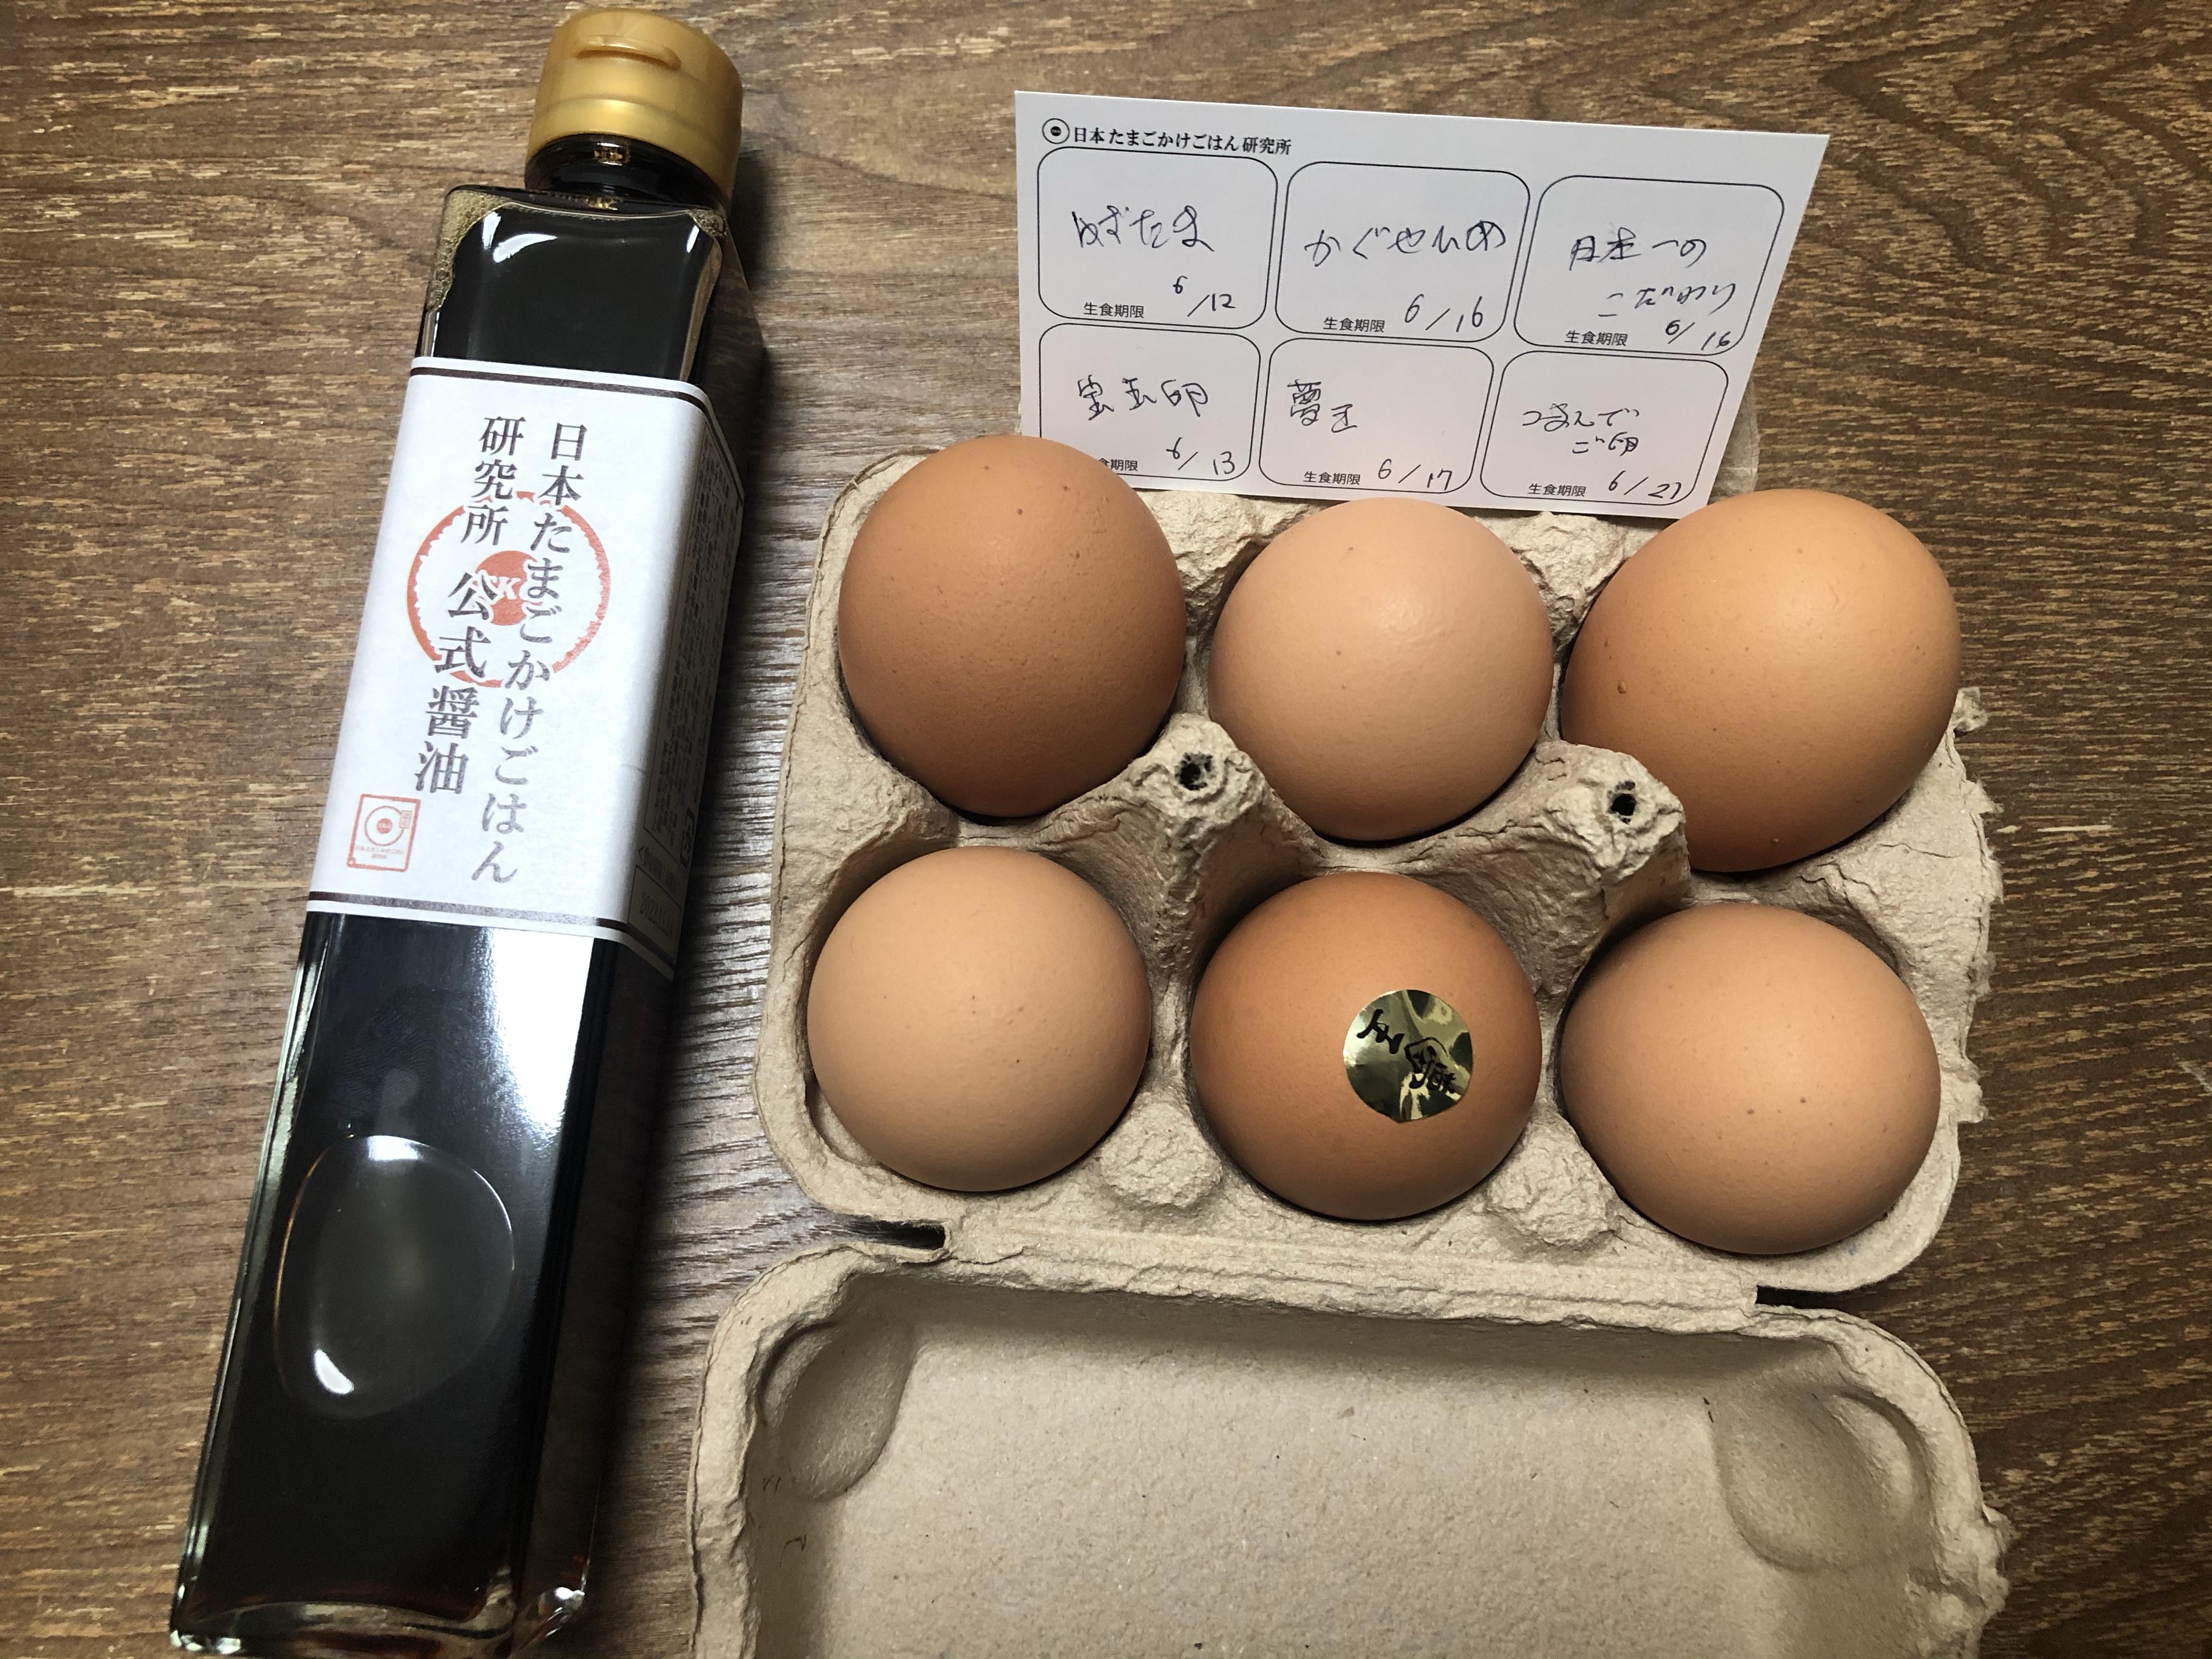 幻の卵屋さんで買った卵と日本たまごかけごはん研究所の公式醤油